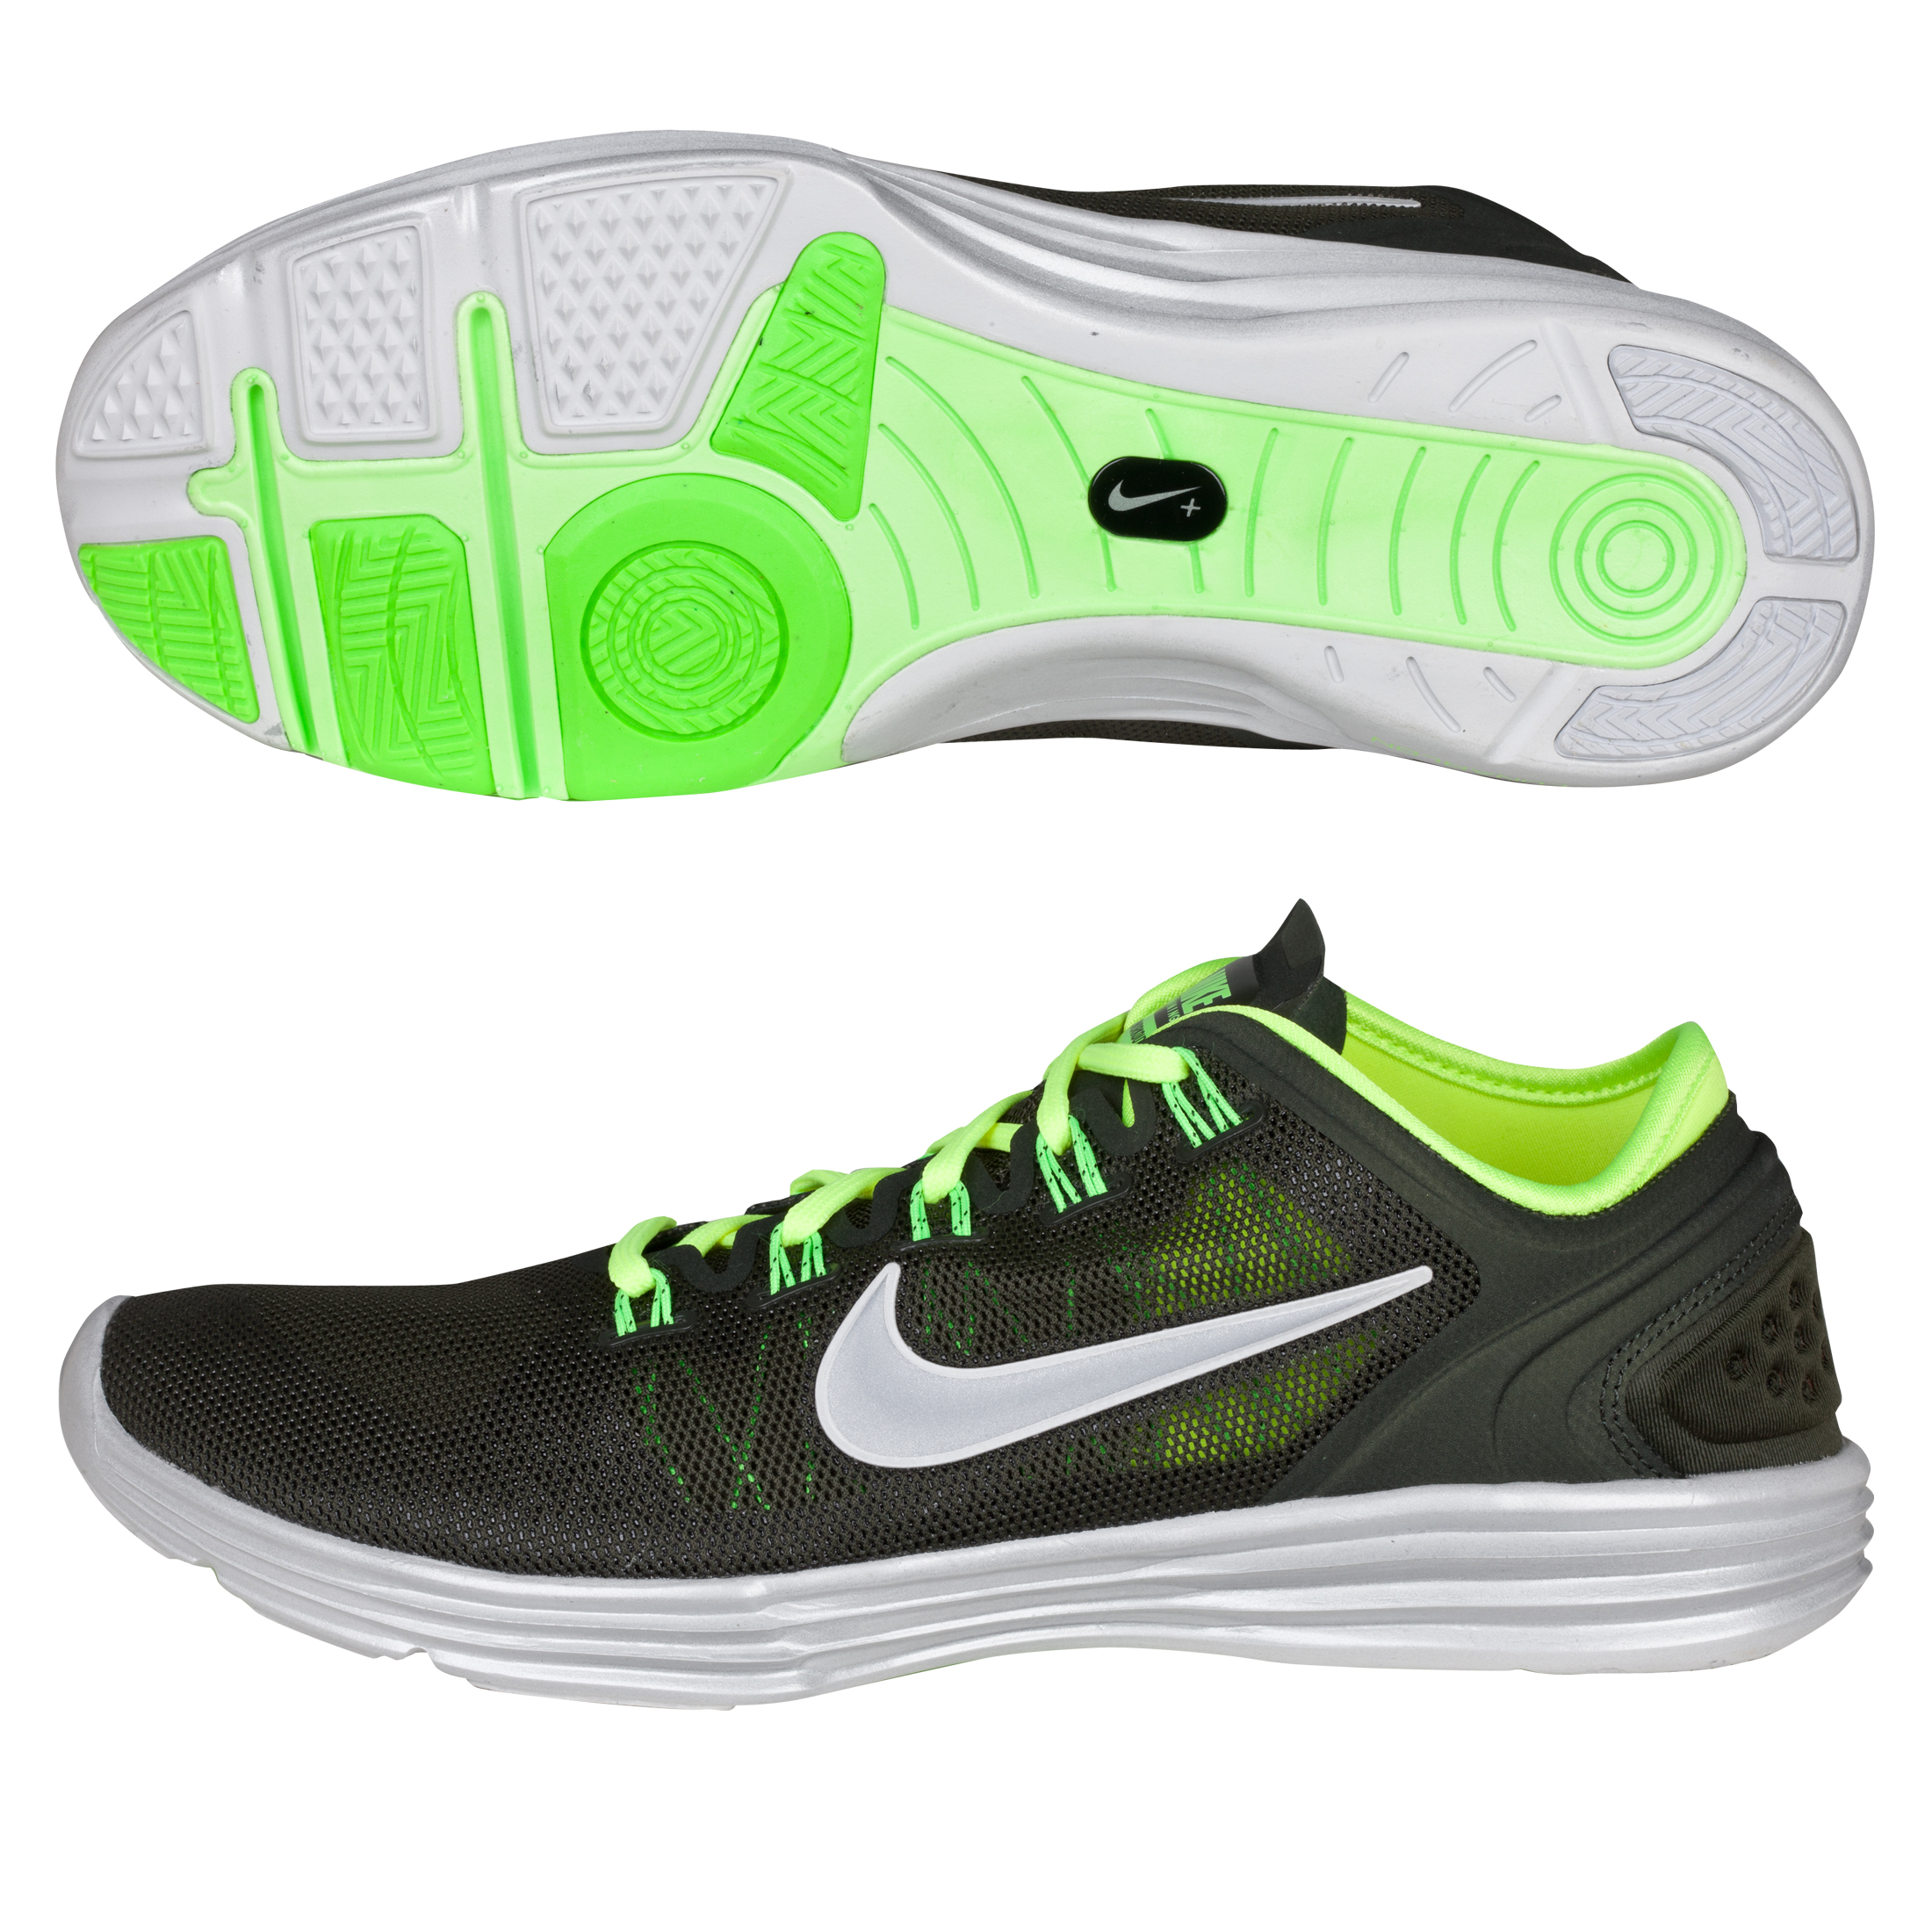 Nike Womens Lunar Hyperworkout Xt+ Trainer - Silver/Green - Womens